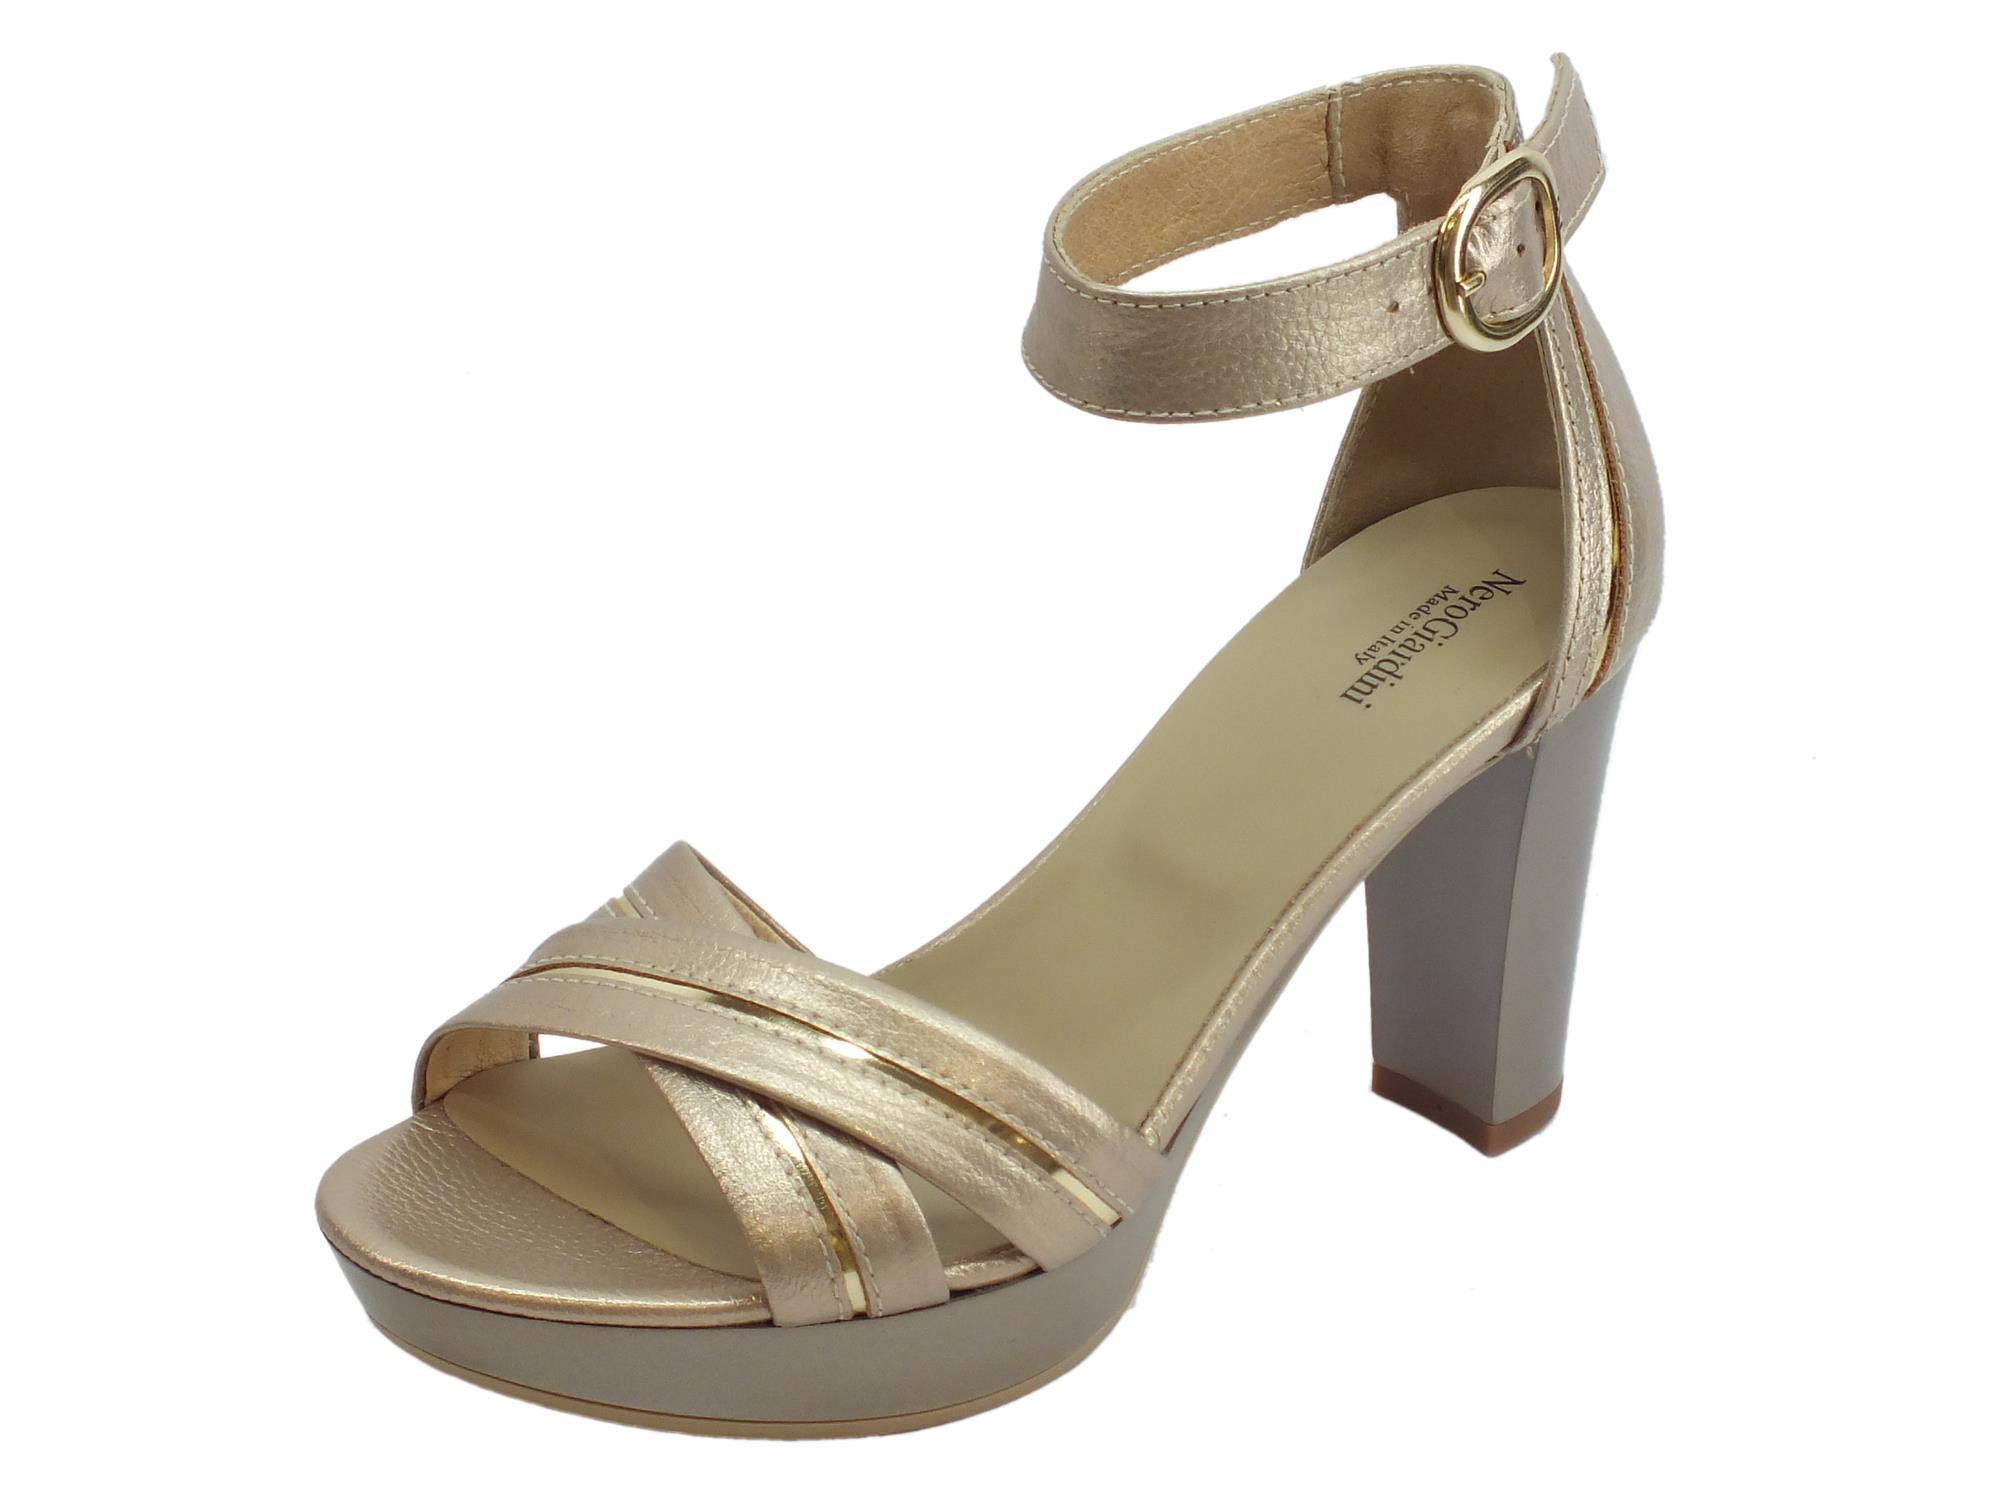 Sandali donna NeroGiardini in pelle platino dettagli oro tacco alto e plateau